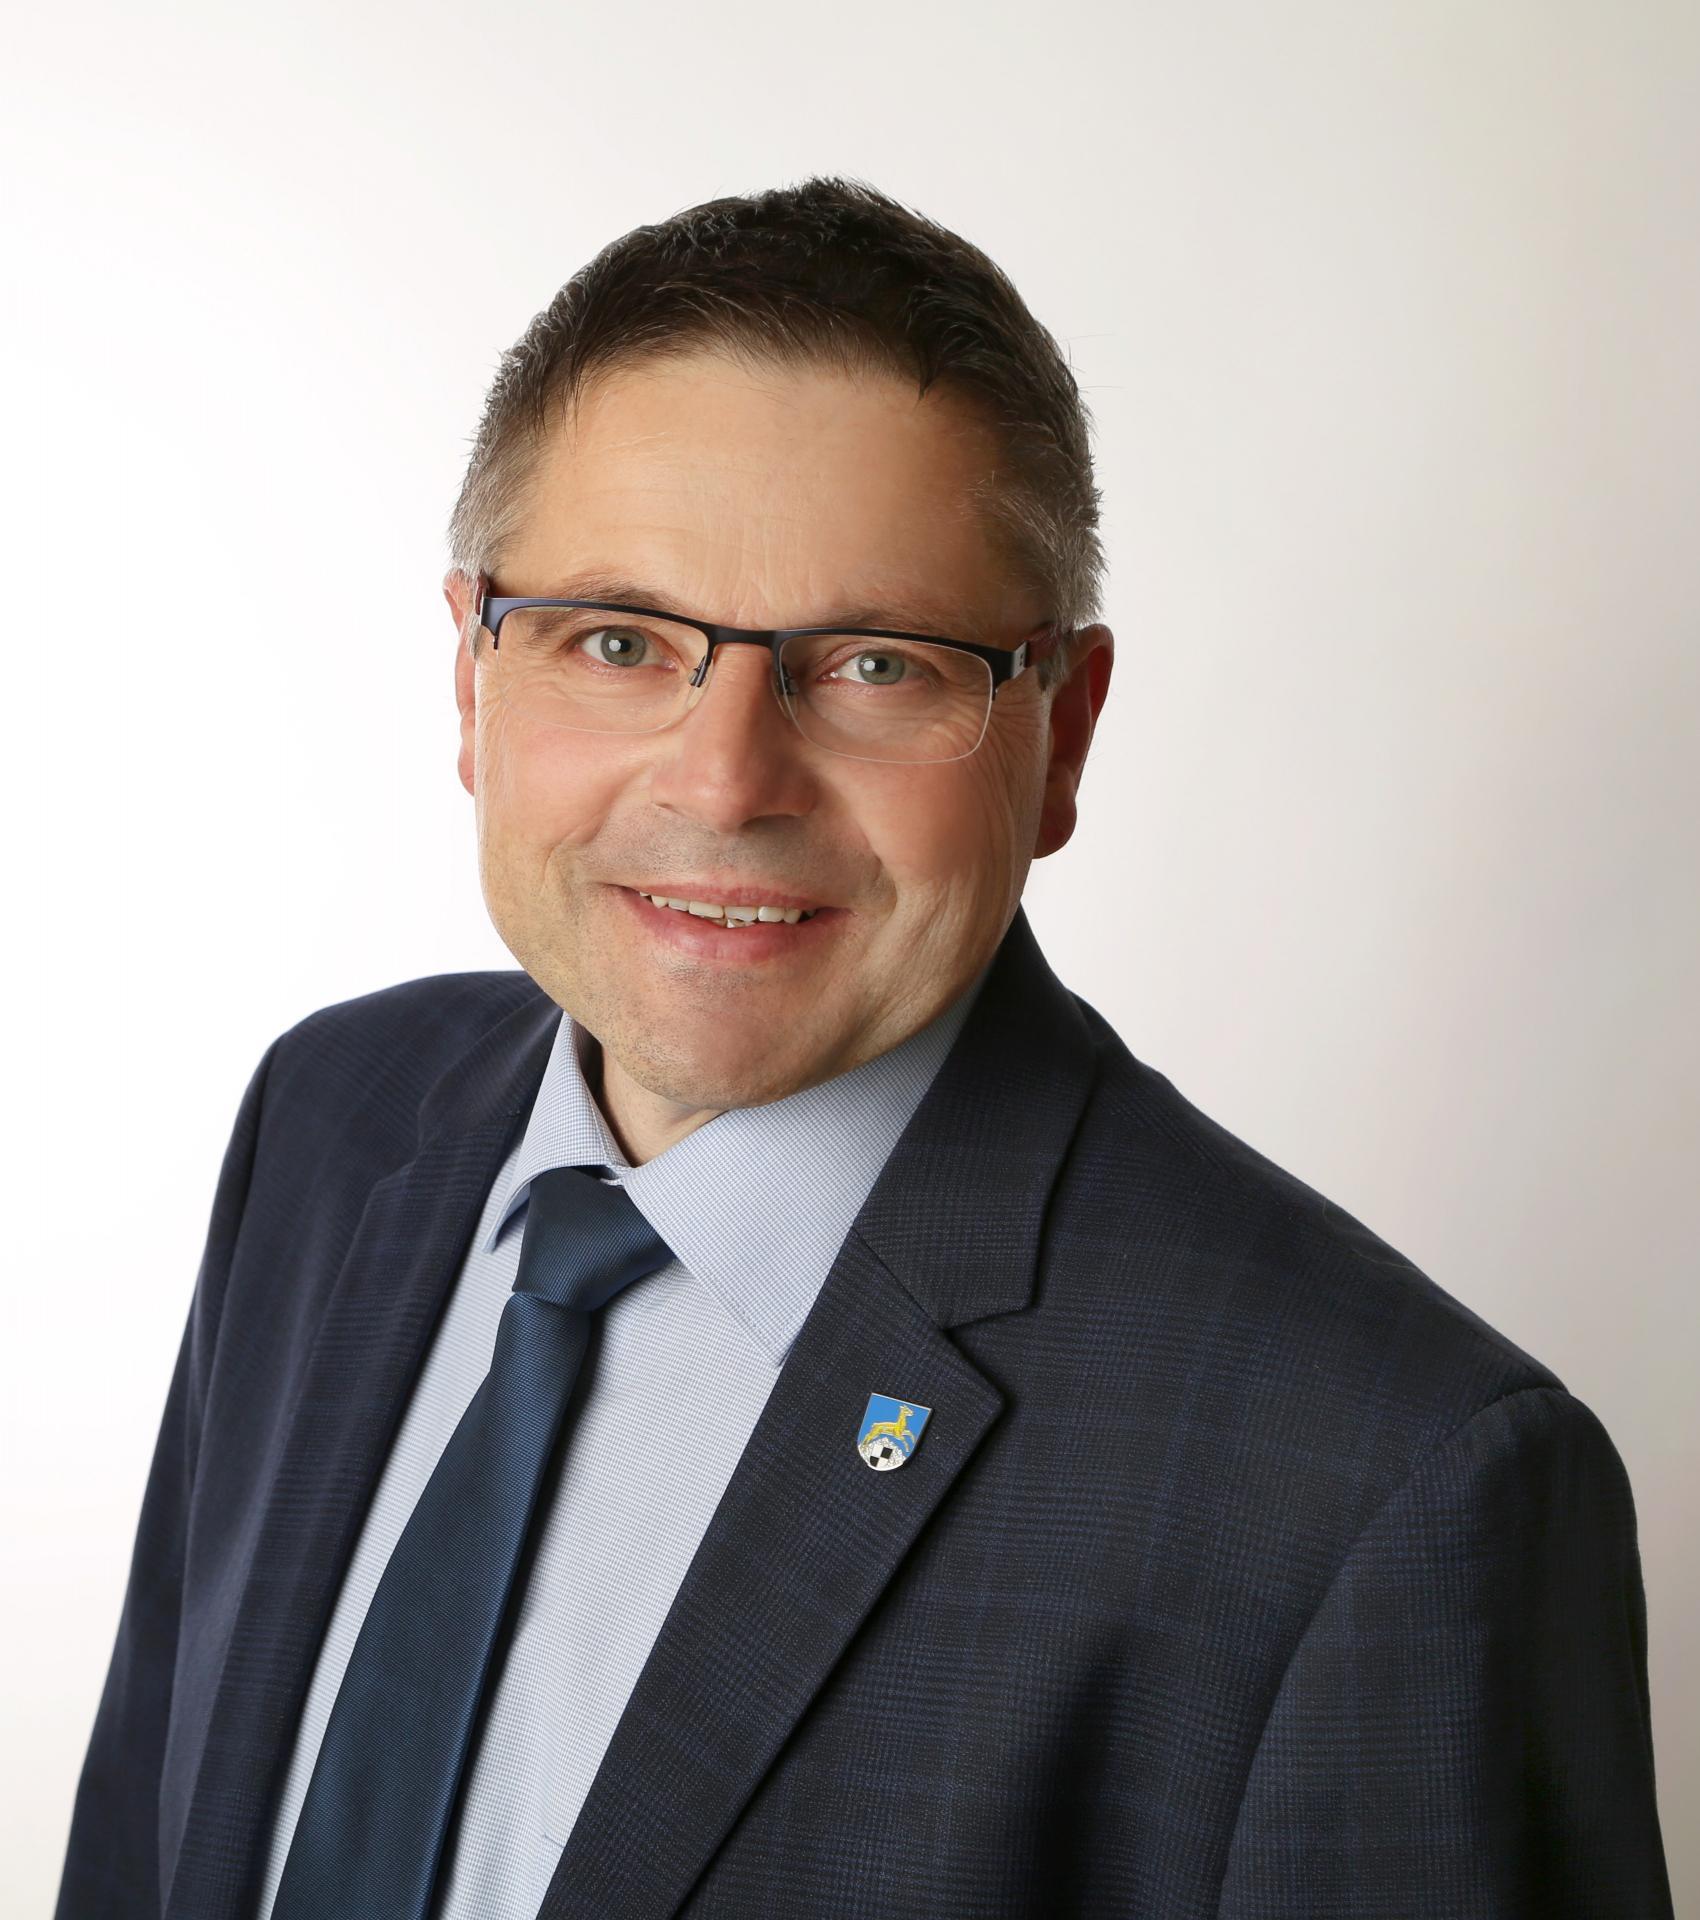 Erster Bürgermeister Thomas Schobert